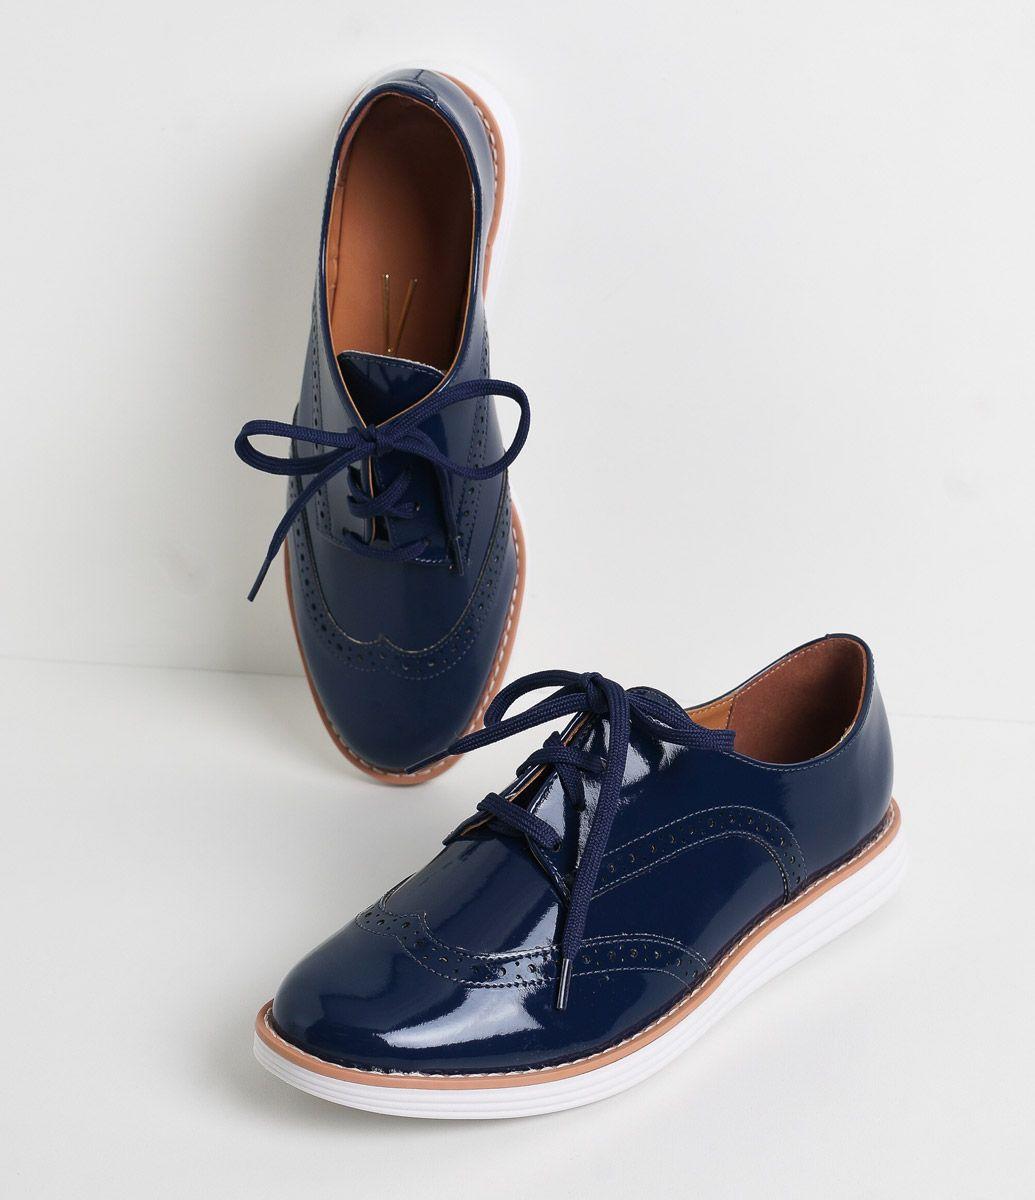 b9dba3a99a Sapato feminino Material  sintético Oxford Marca  Vizzano COLEÇÃO INVERNO  2016 Veja outras opções de sapatos femininos.